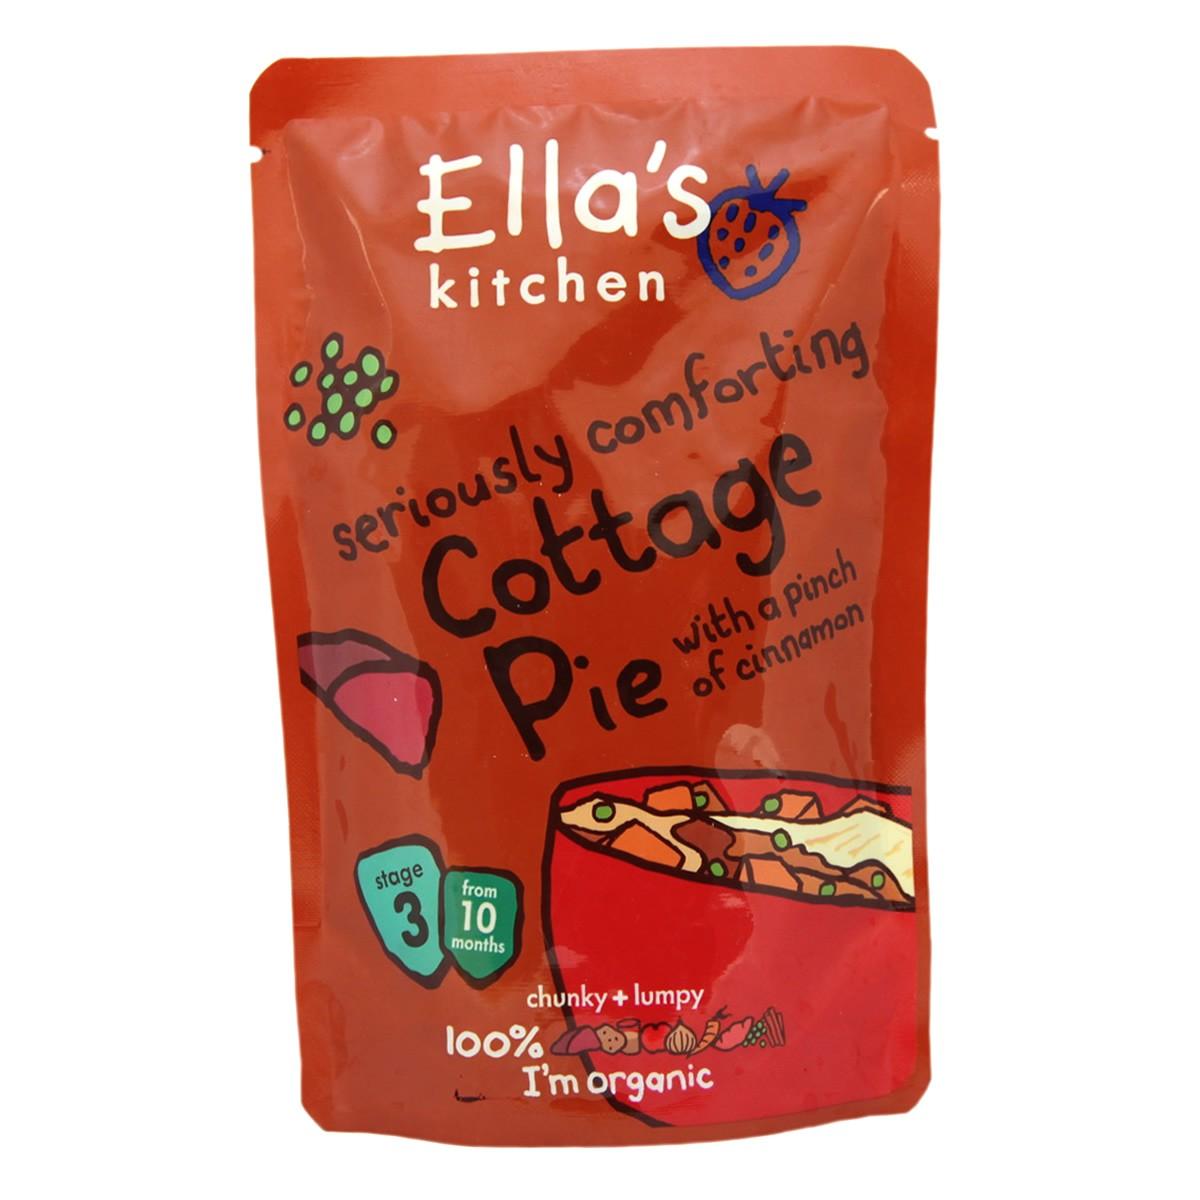 Ella's Kitchen Cottage Pie with a Pinch of Cinnamon - Stage 3